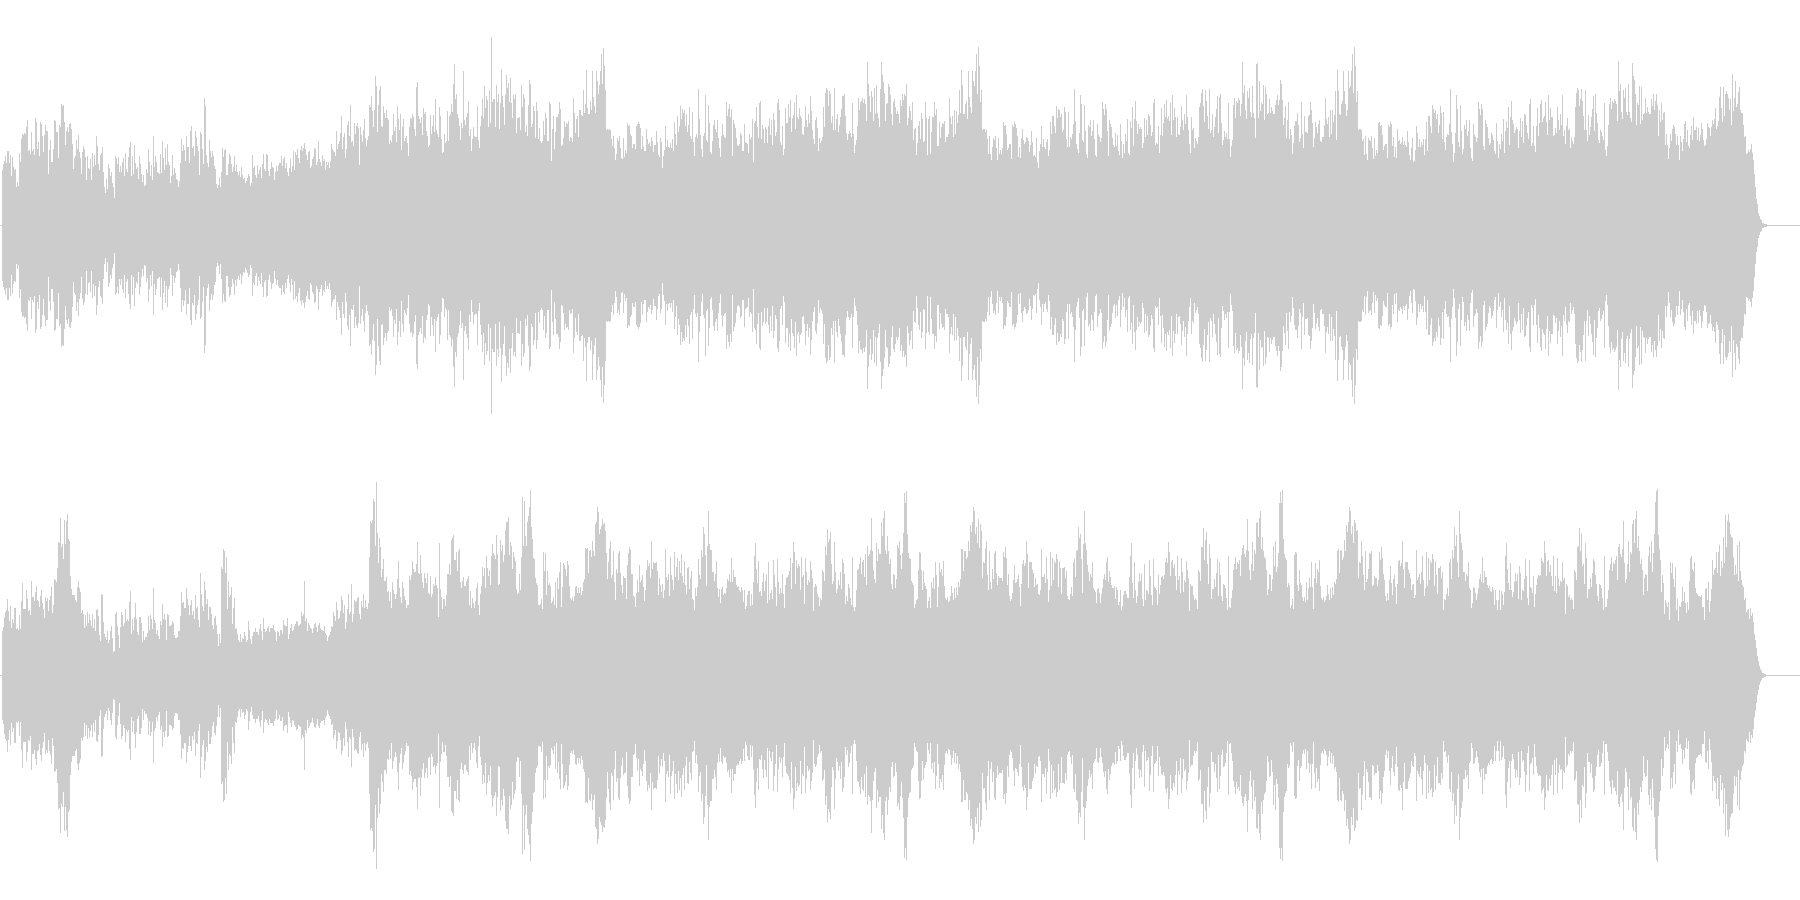 ナレーション引き立てる使い易いBGMの未再生の波形